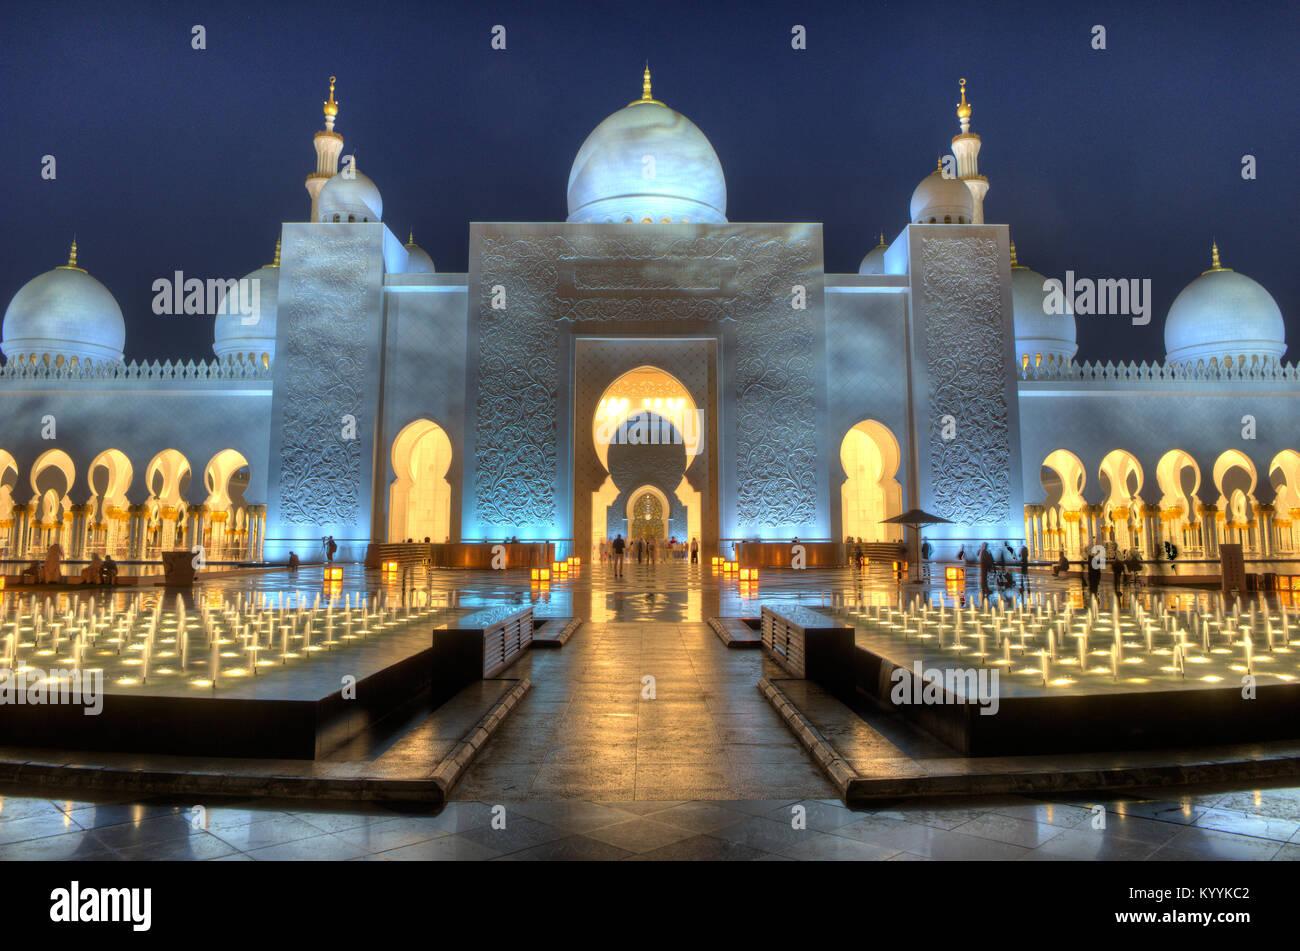 ABU DHABI, VEREINIGTE ARABISCHE EMIRATE - Dez 31, 2017 : Äußeres der Sheikh Zayed Moschee in Abu Dhabi Stockbild